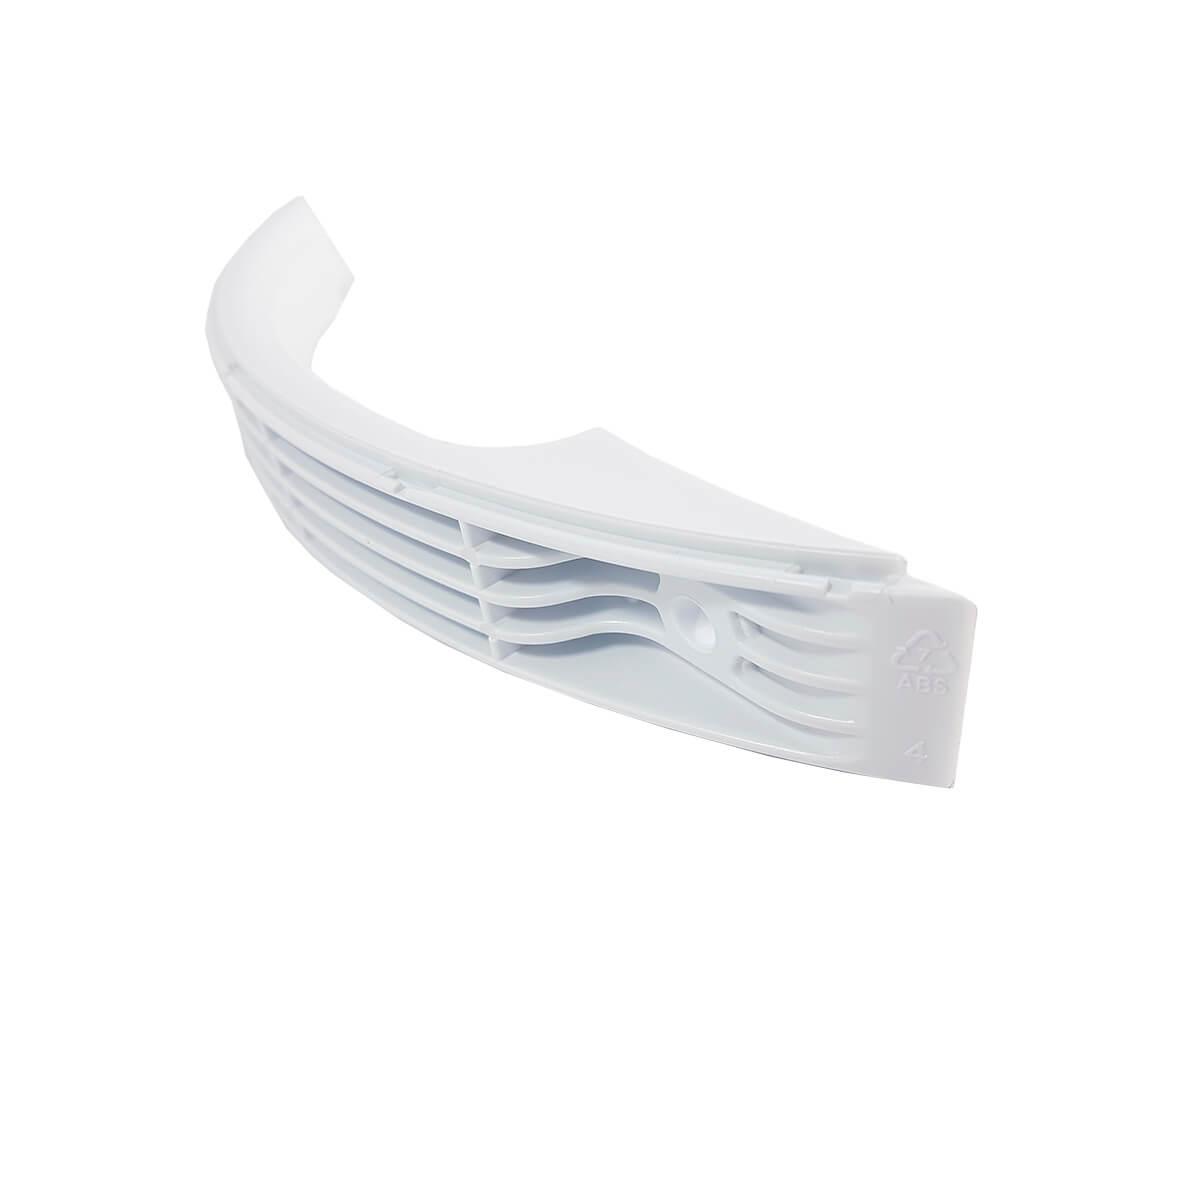 Base Branca Do Puxador Para Refrigerador Electrolux - 67492896